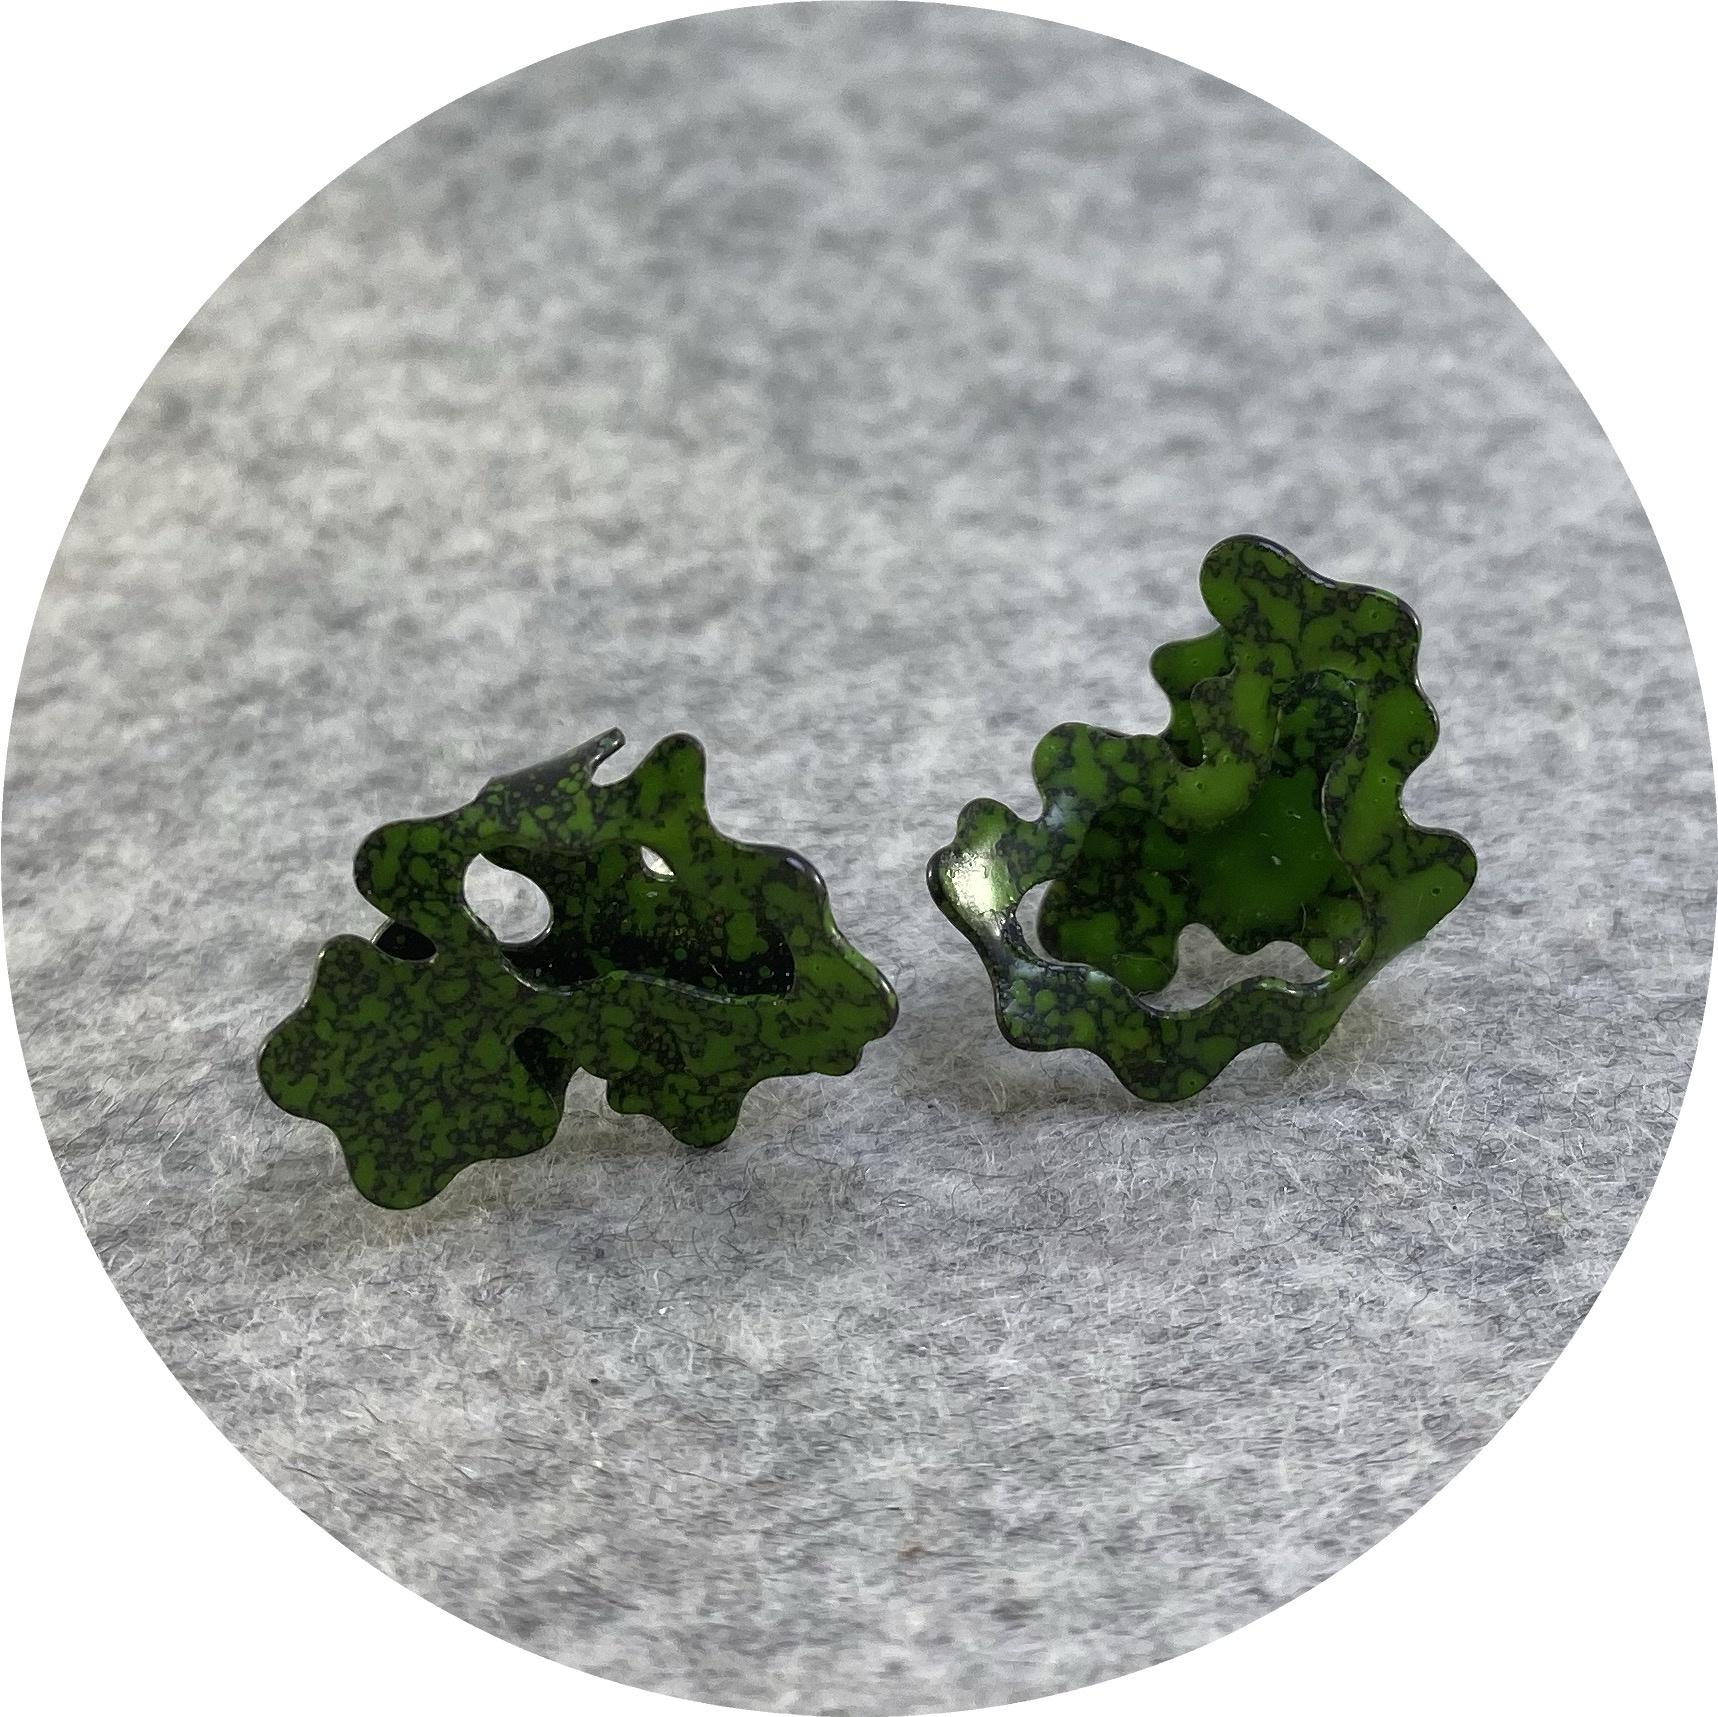 Cassandra Prinzi - 'Coral Clamshell Earrings Moss Green on Black', copper, powder coat, enamel paint, 925 silver